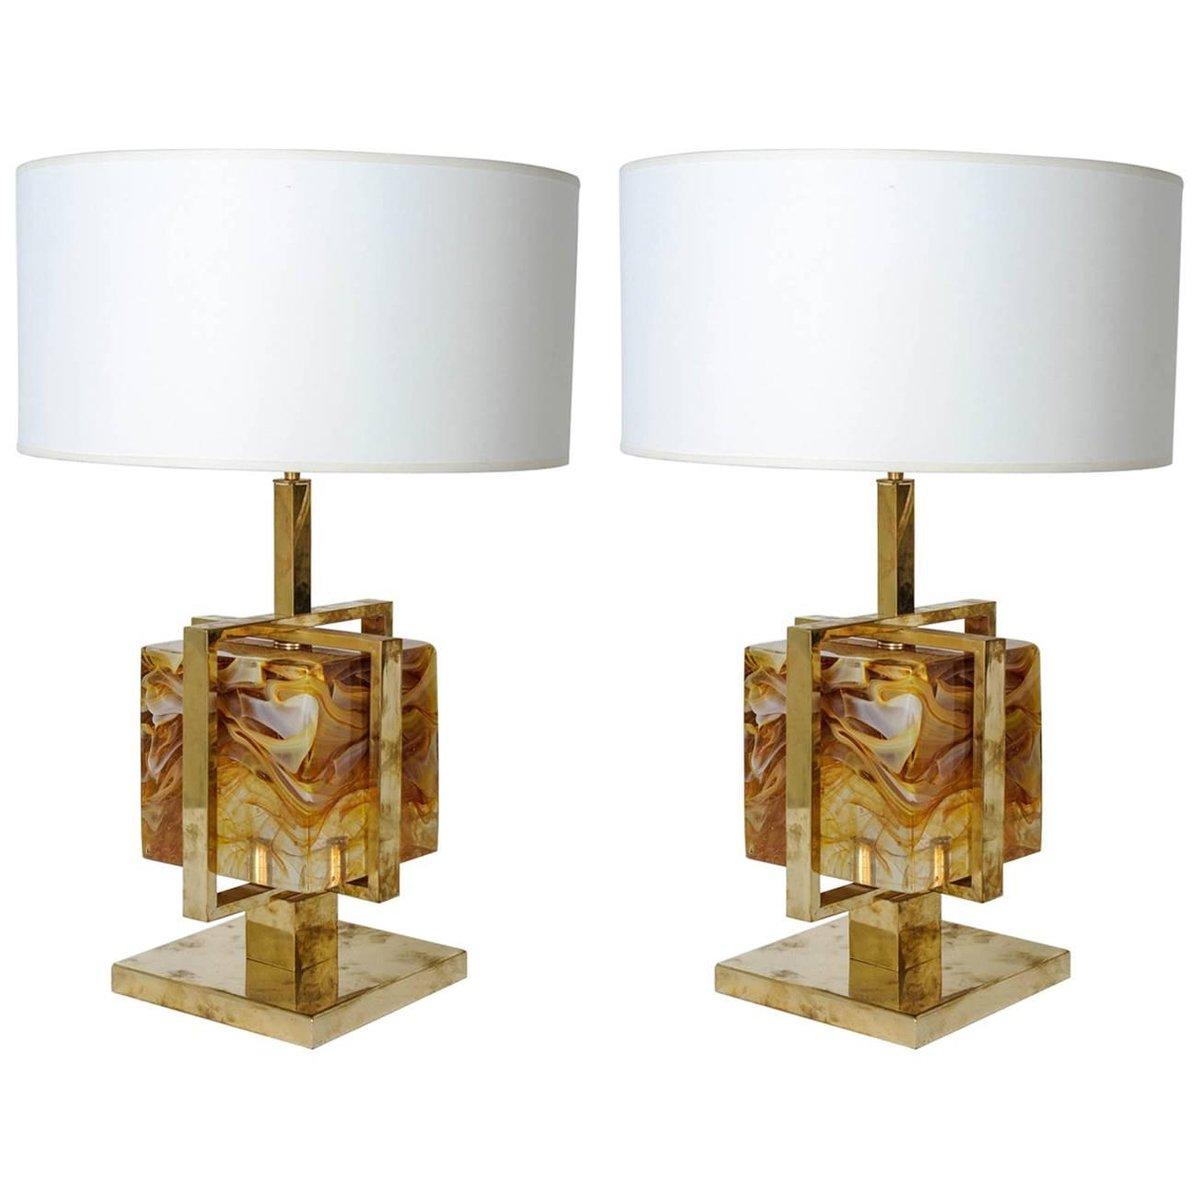 Tischlampen aus Murano Glas, 1980er, 2er Set